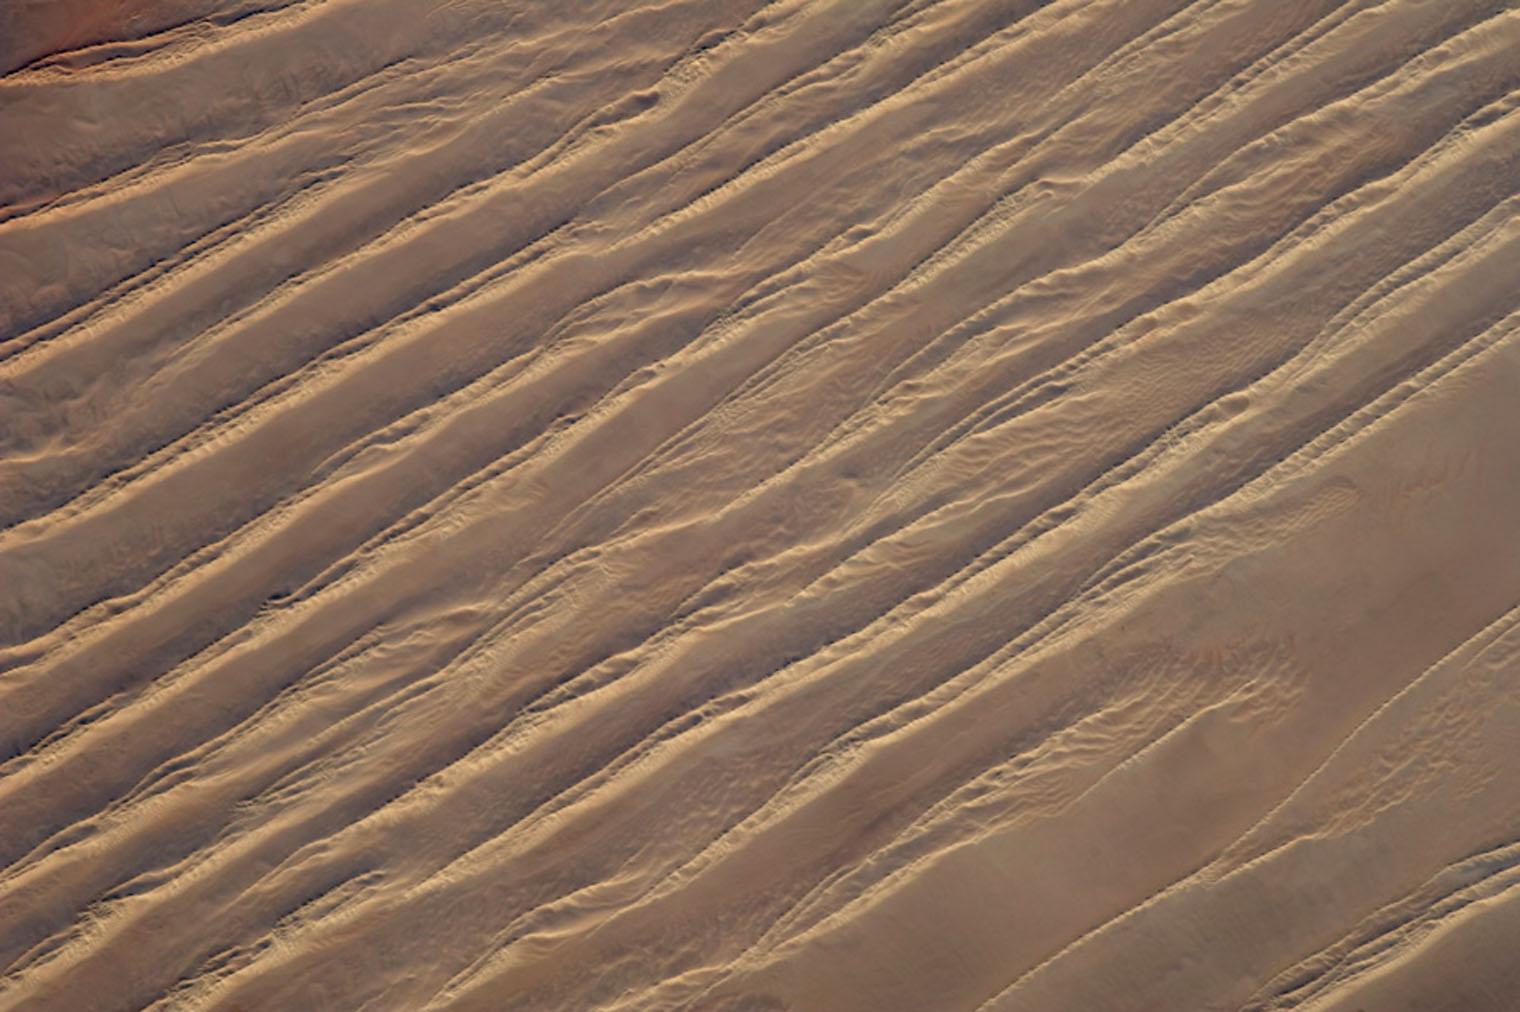 Sahara Desert, Egypt